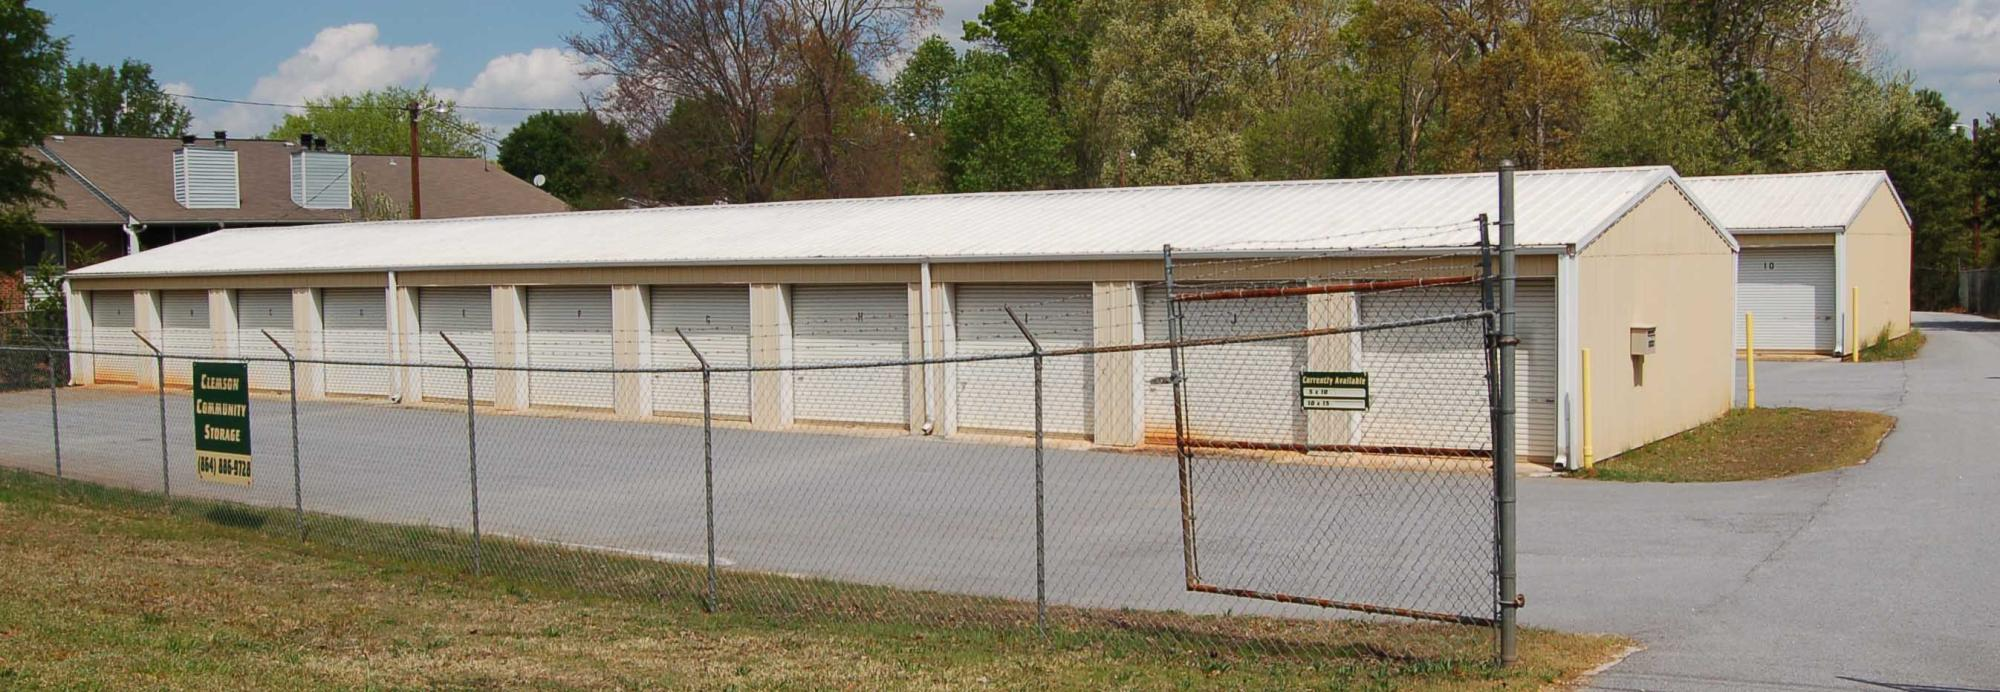 Captivating Clemson Community Storage